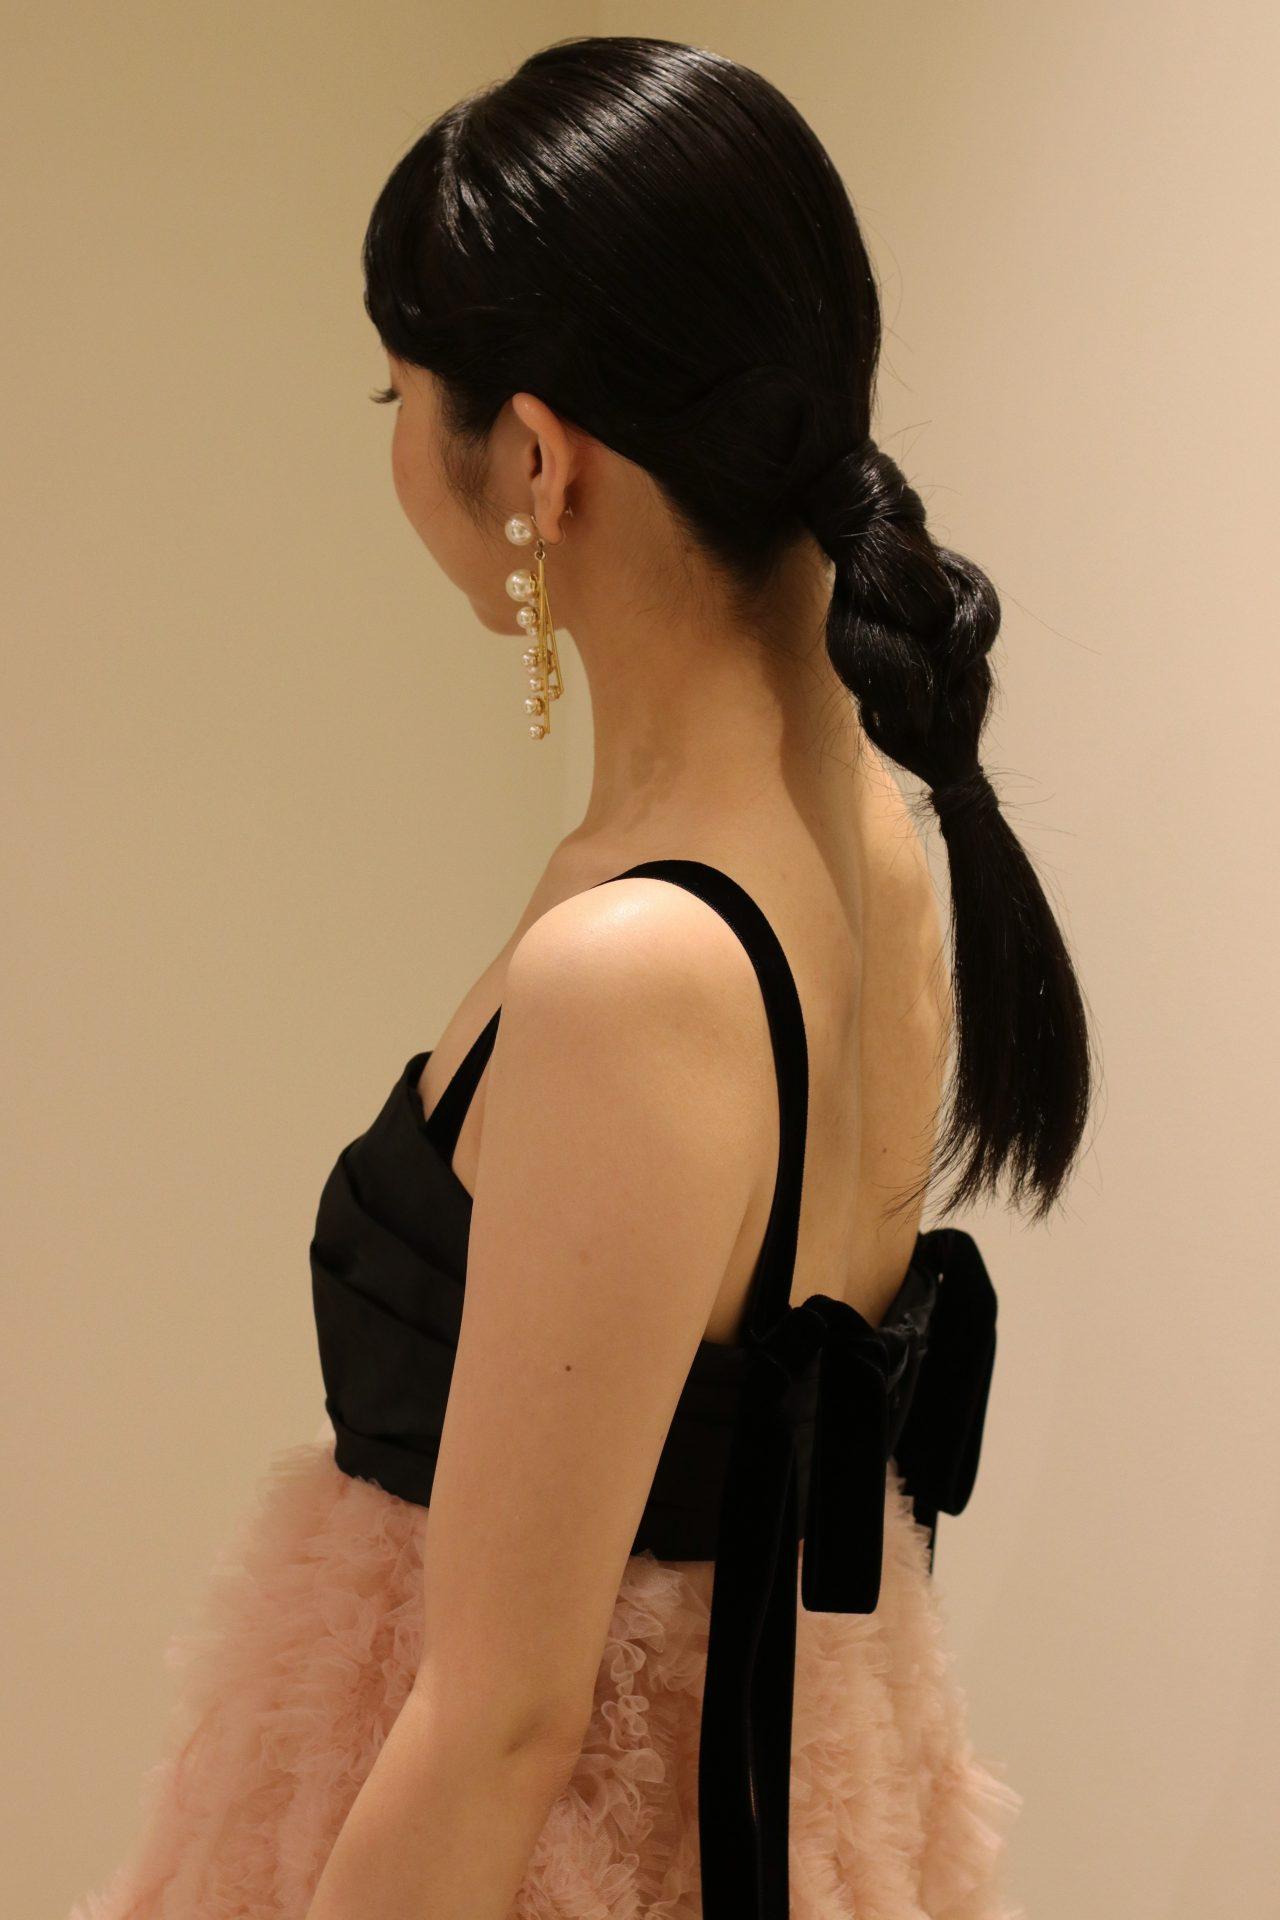 東京表参道にあるドレスショップ、ザ・トリート・ドレッシングではトモコイズミとのコラボレーションで有名なトリート・メゾンの新作カラードレスをお取り扱いしています